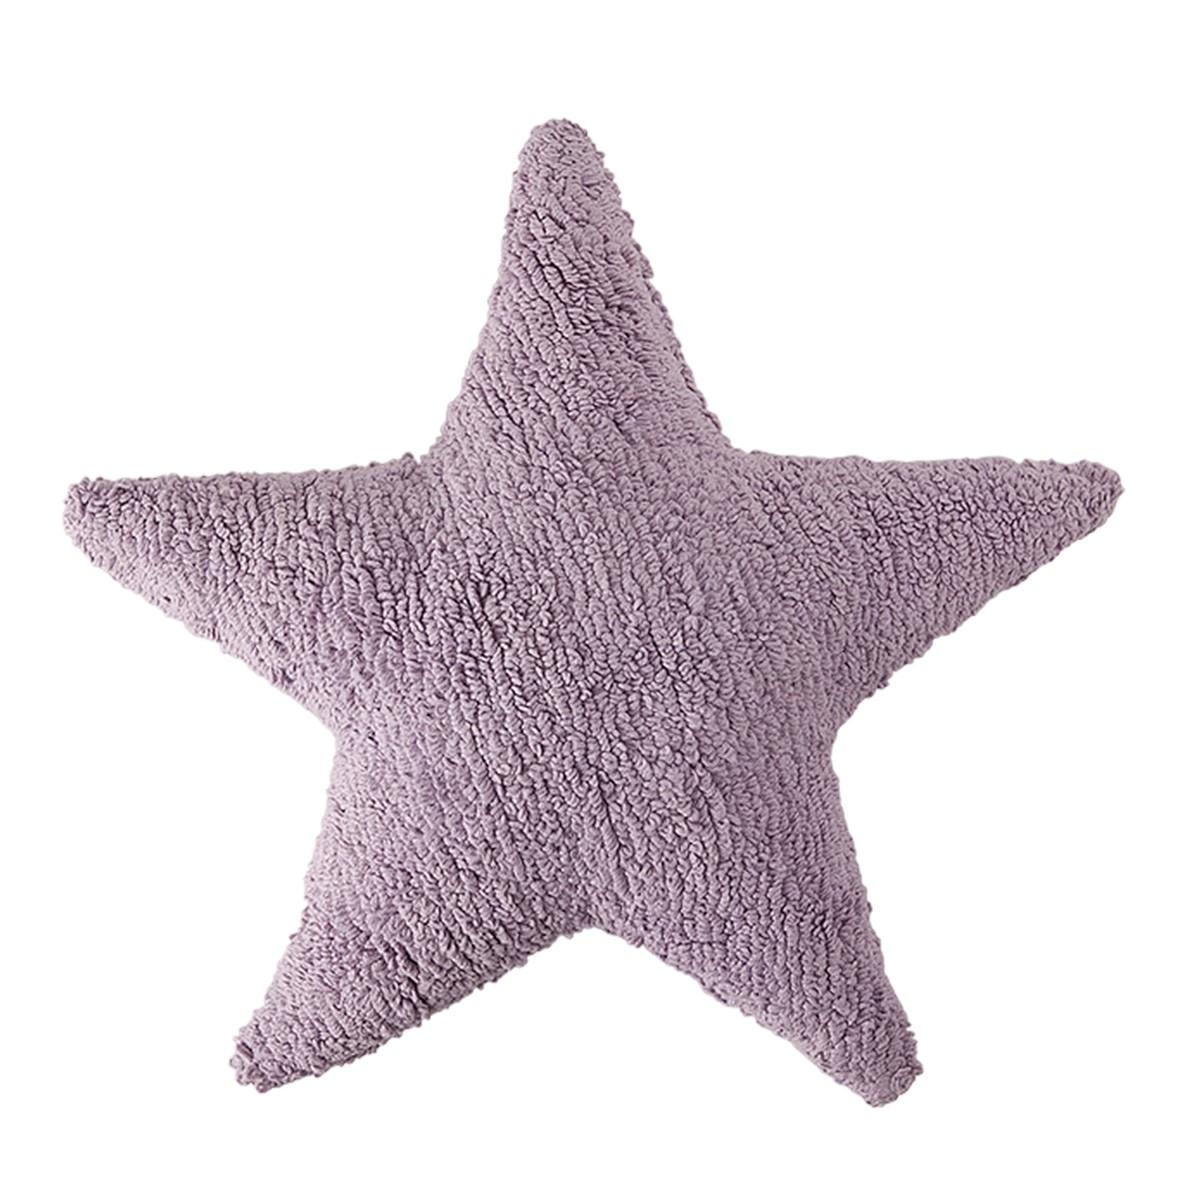 Διακοσμητικό Μαξιλάρι Lorena Canals Star Purple